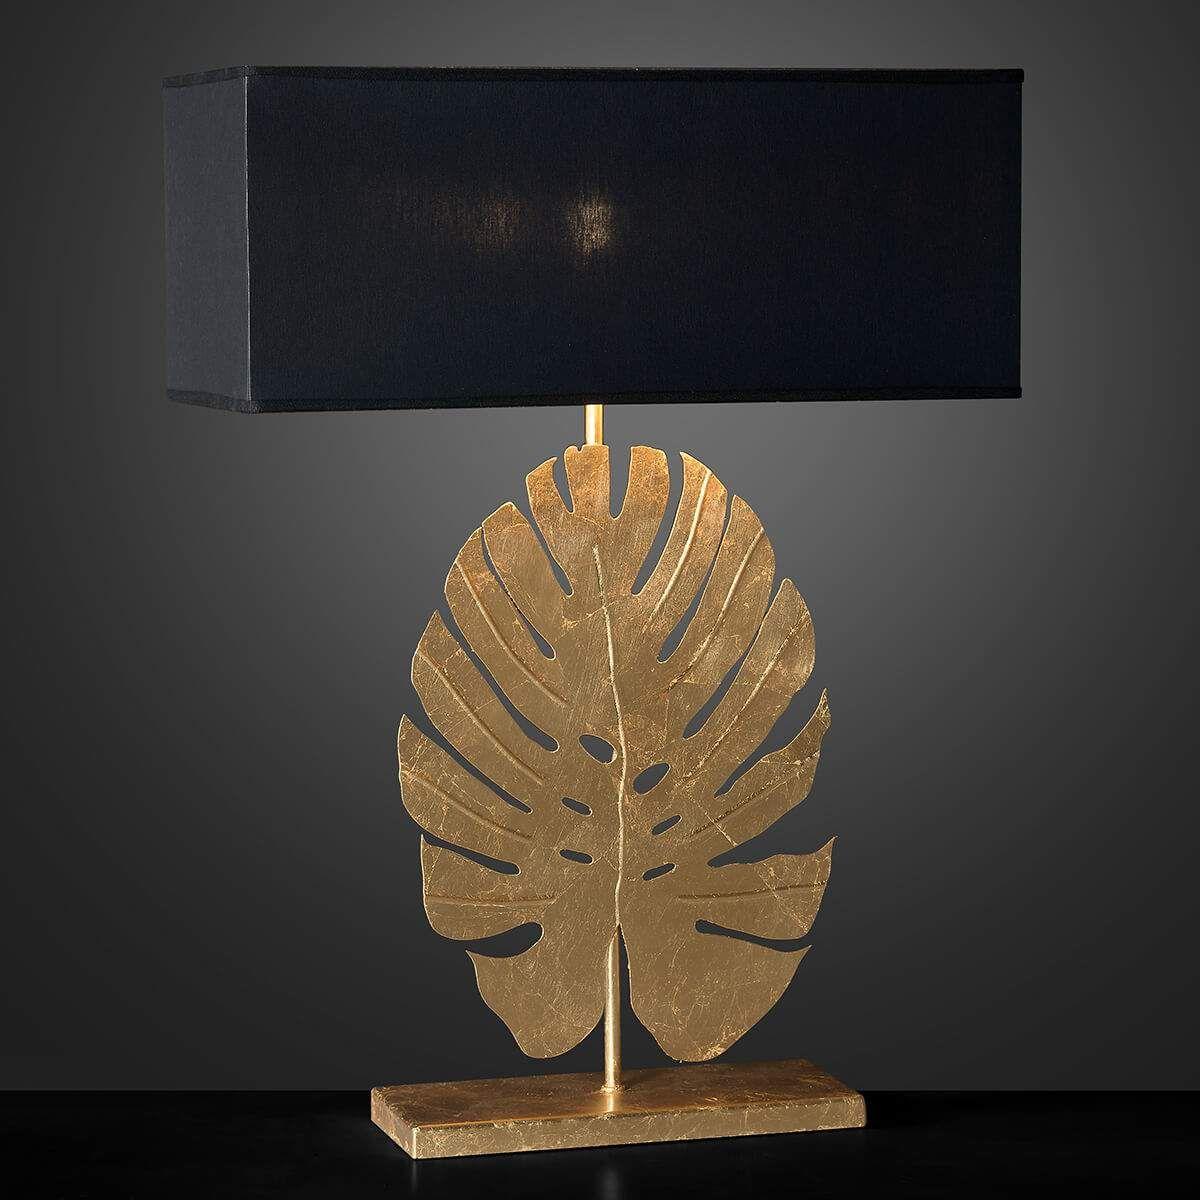 Coole LED Wohnraumleuchten moderne Nachtischlampen Metall eckig mit Glaskugel